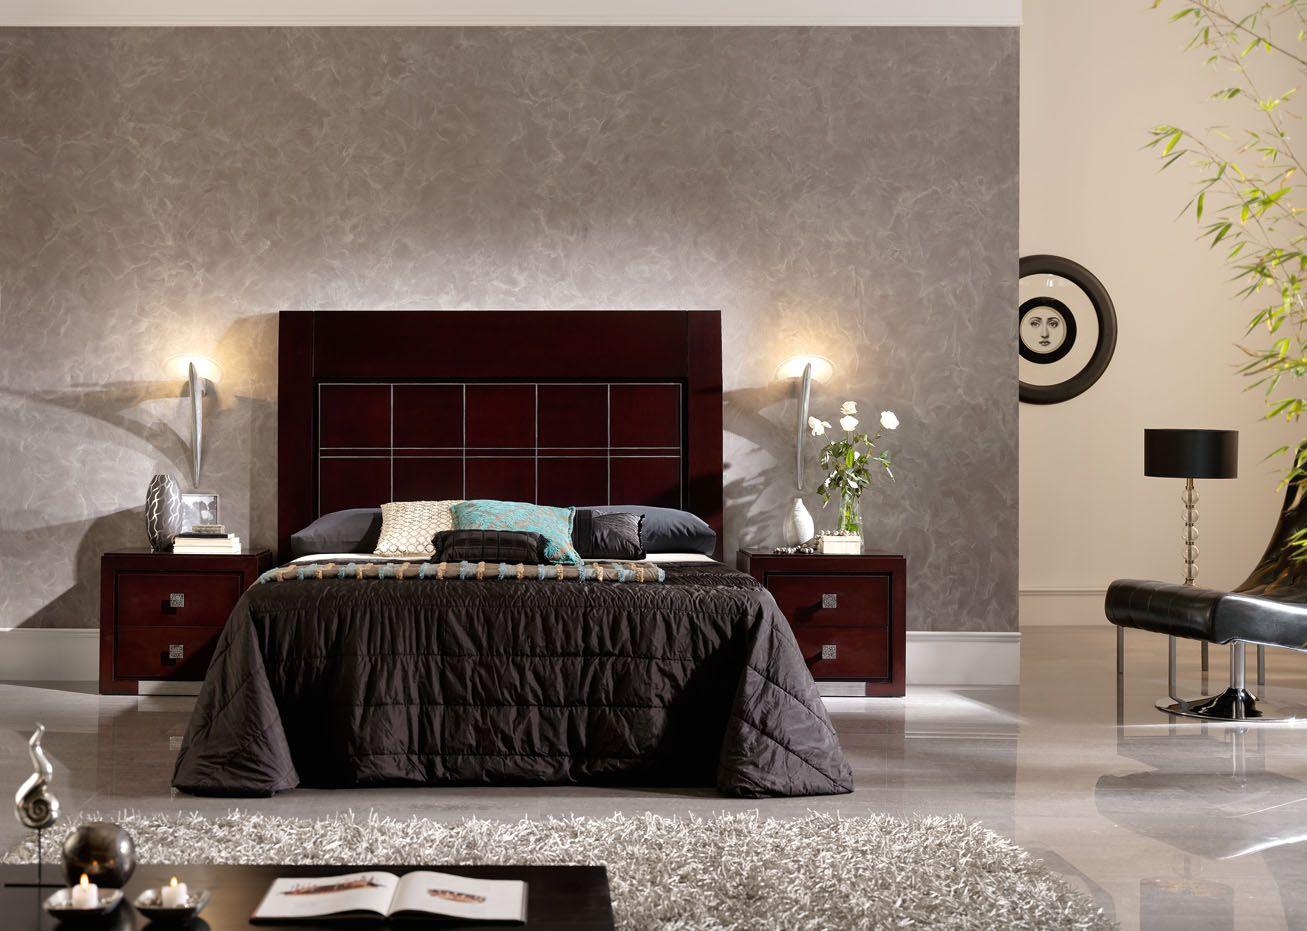 Dormitorio de creaciones ss en color wengue con detalles for Dormitorio wengue y plata